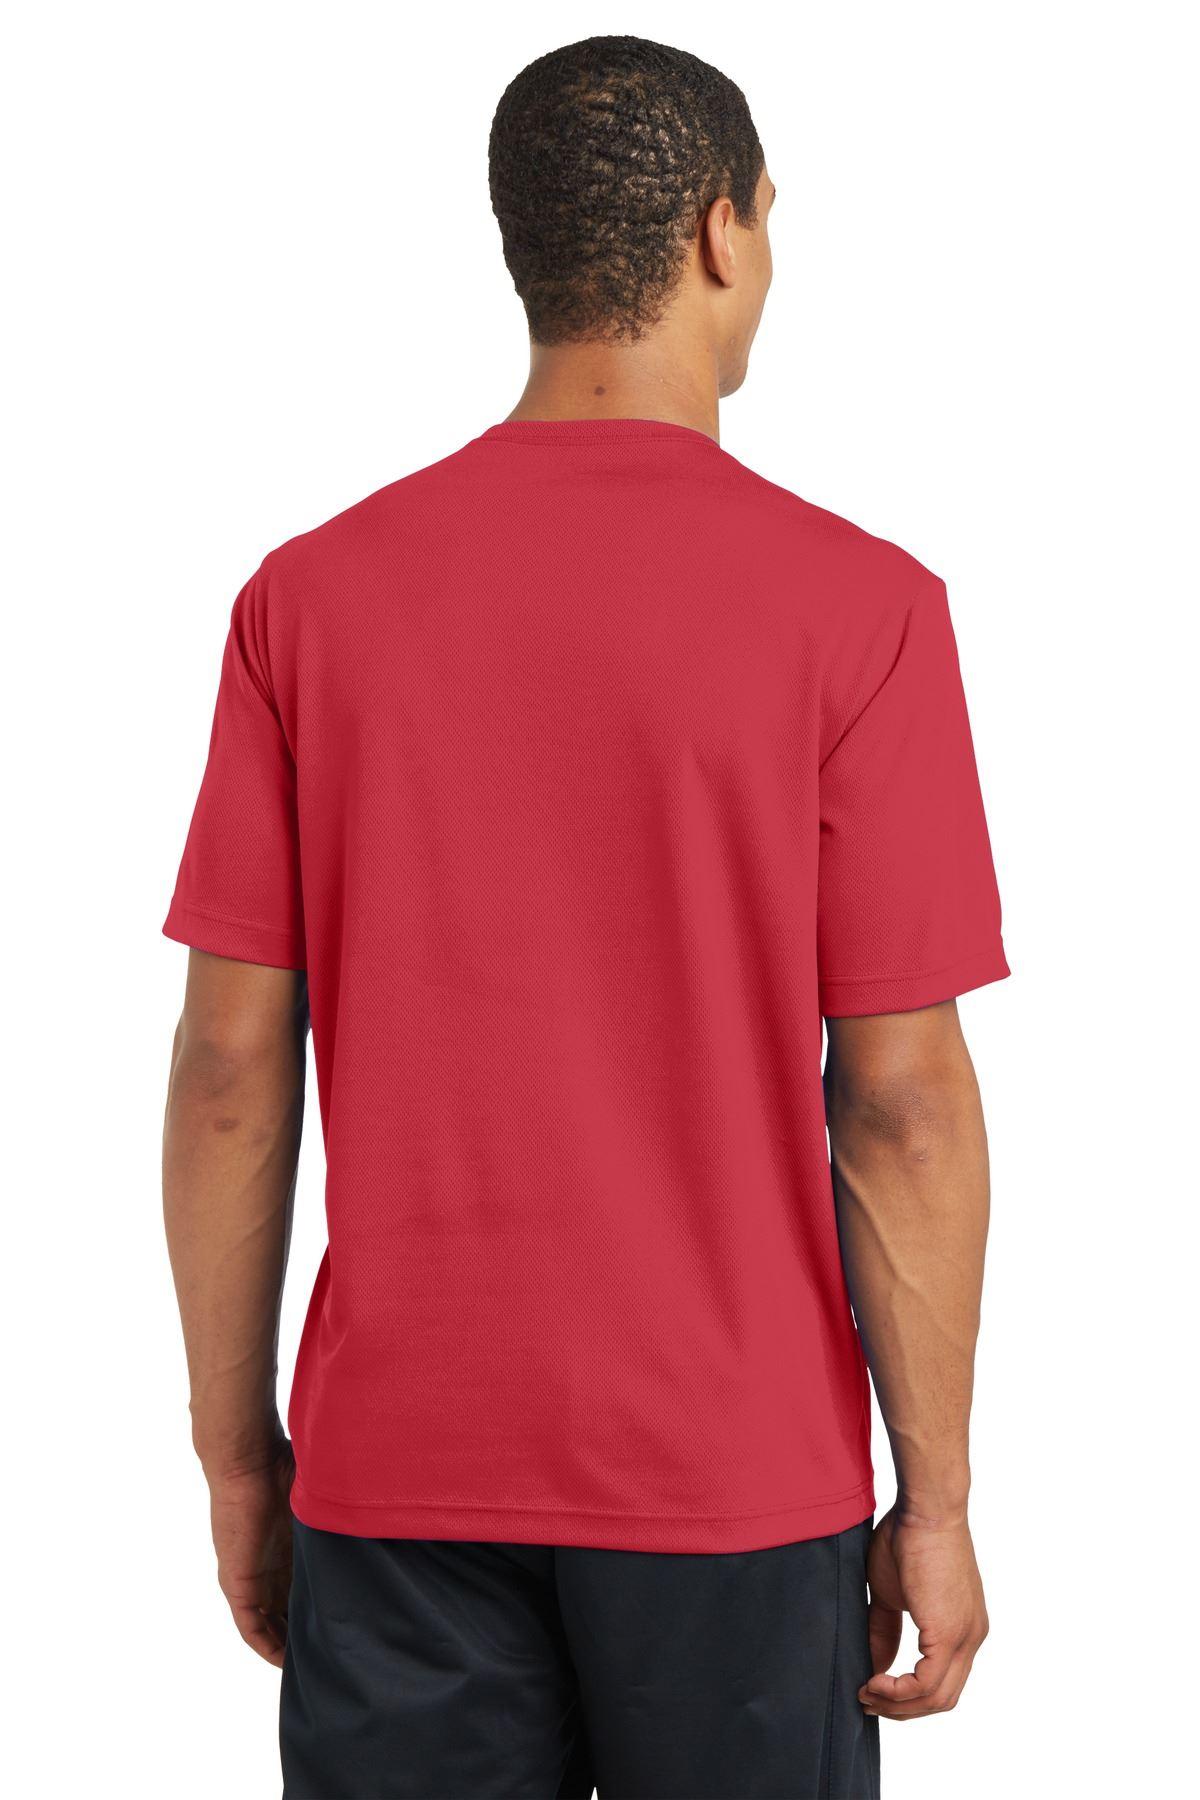 thumbnail 35 - Sport-Tek Men's Dry-Fit RacerMesh Moisture Wicking T-Shirt M-ST340